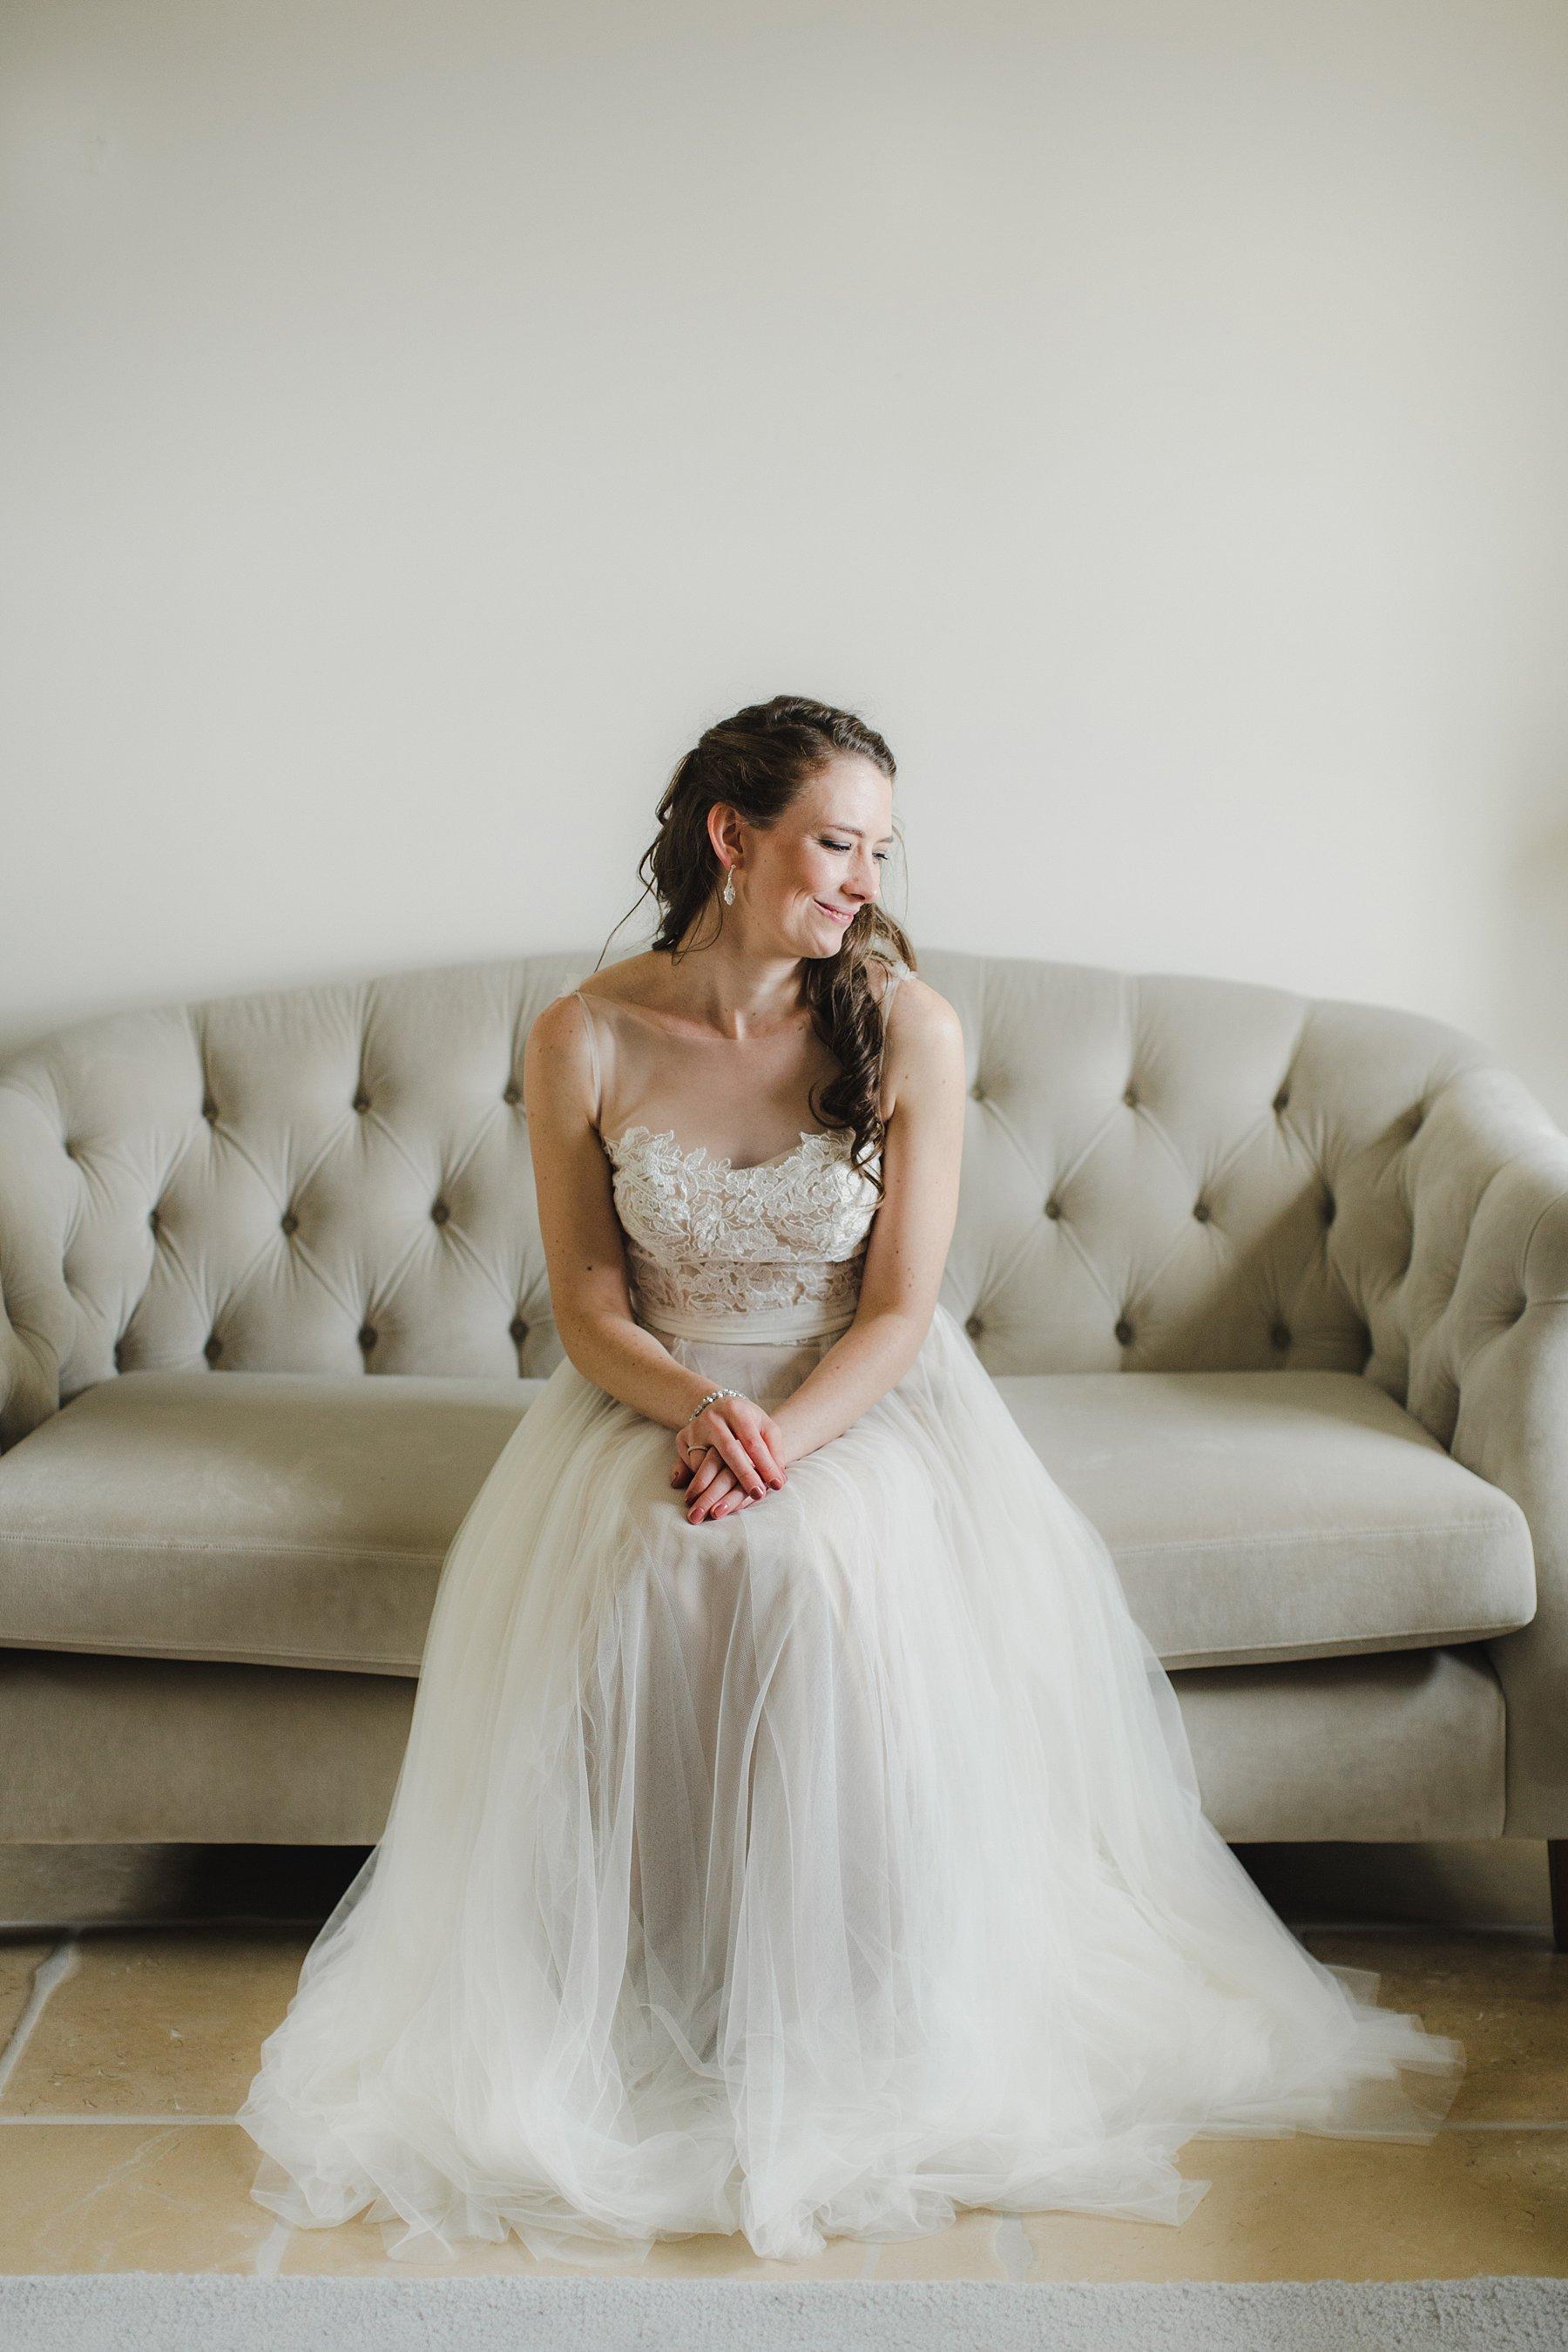 hornhead_donegak_elopement_weddings_0026